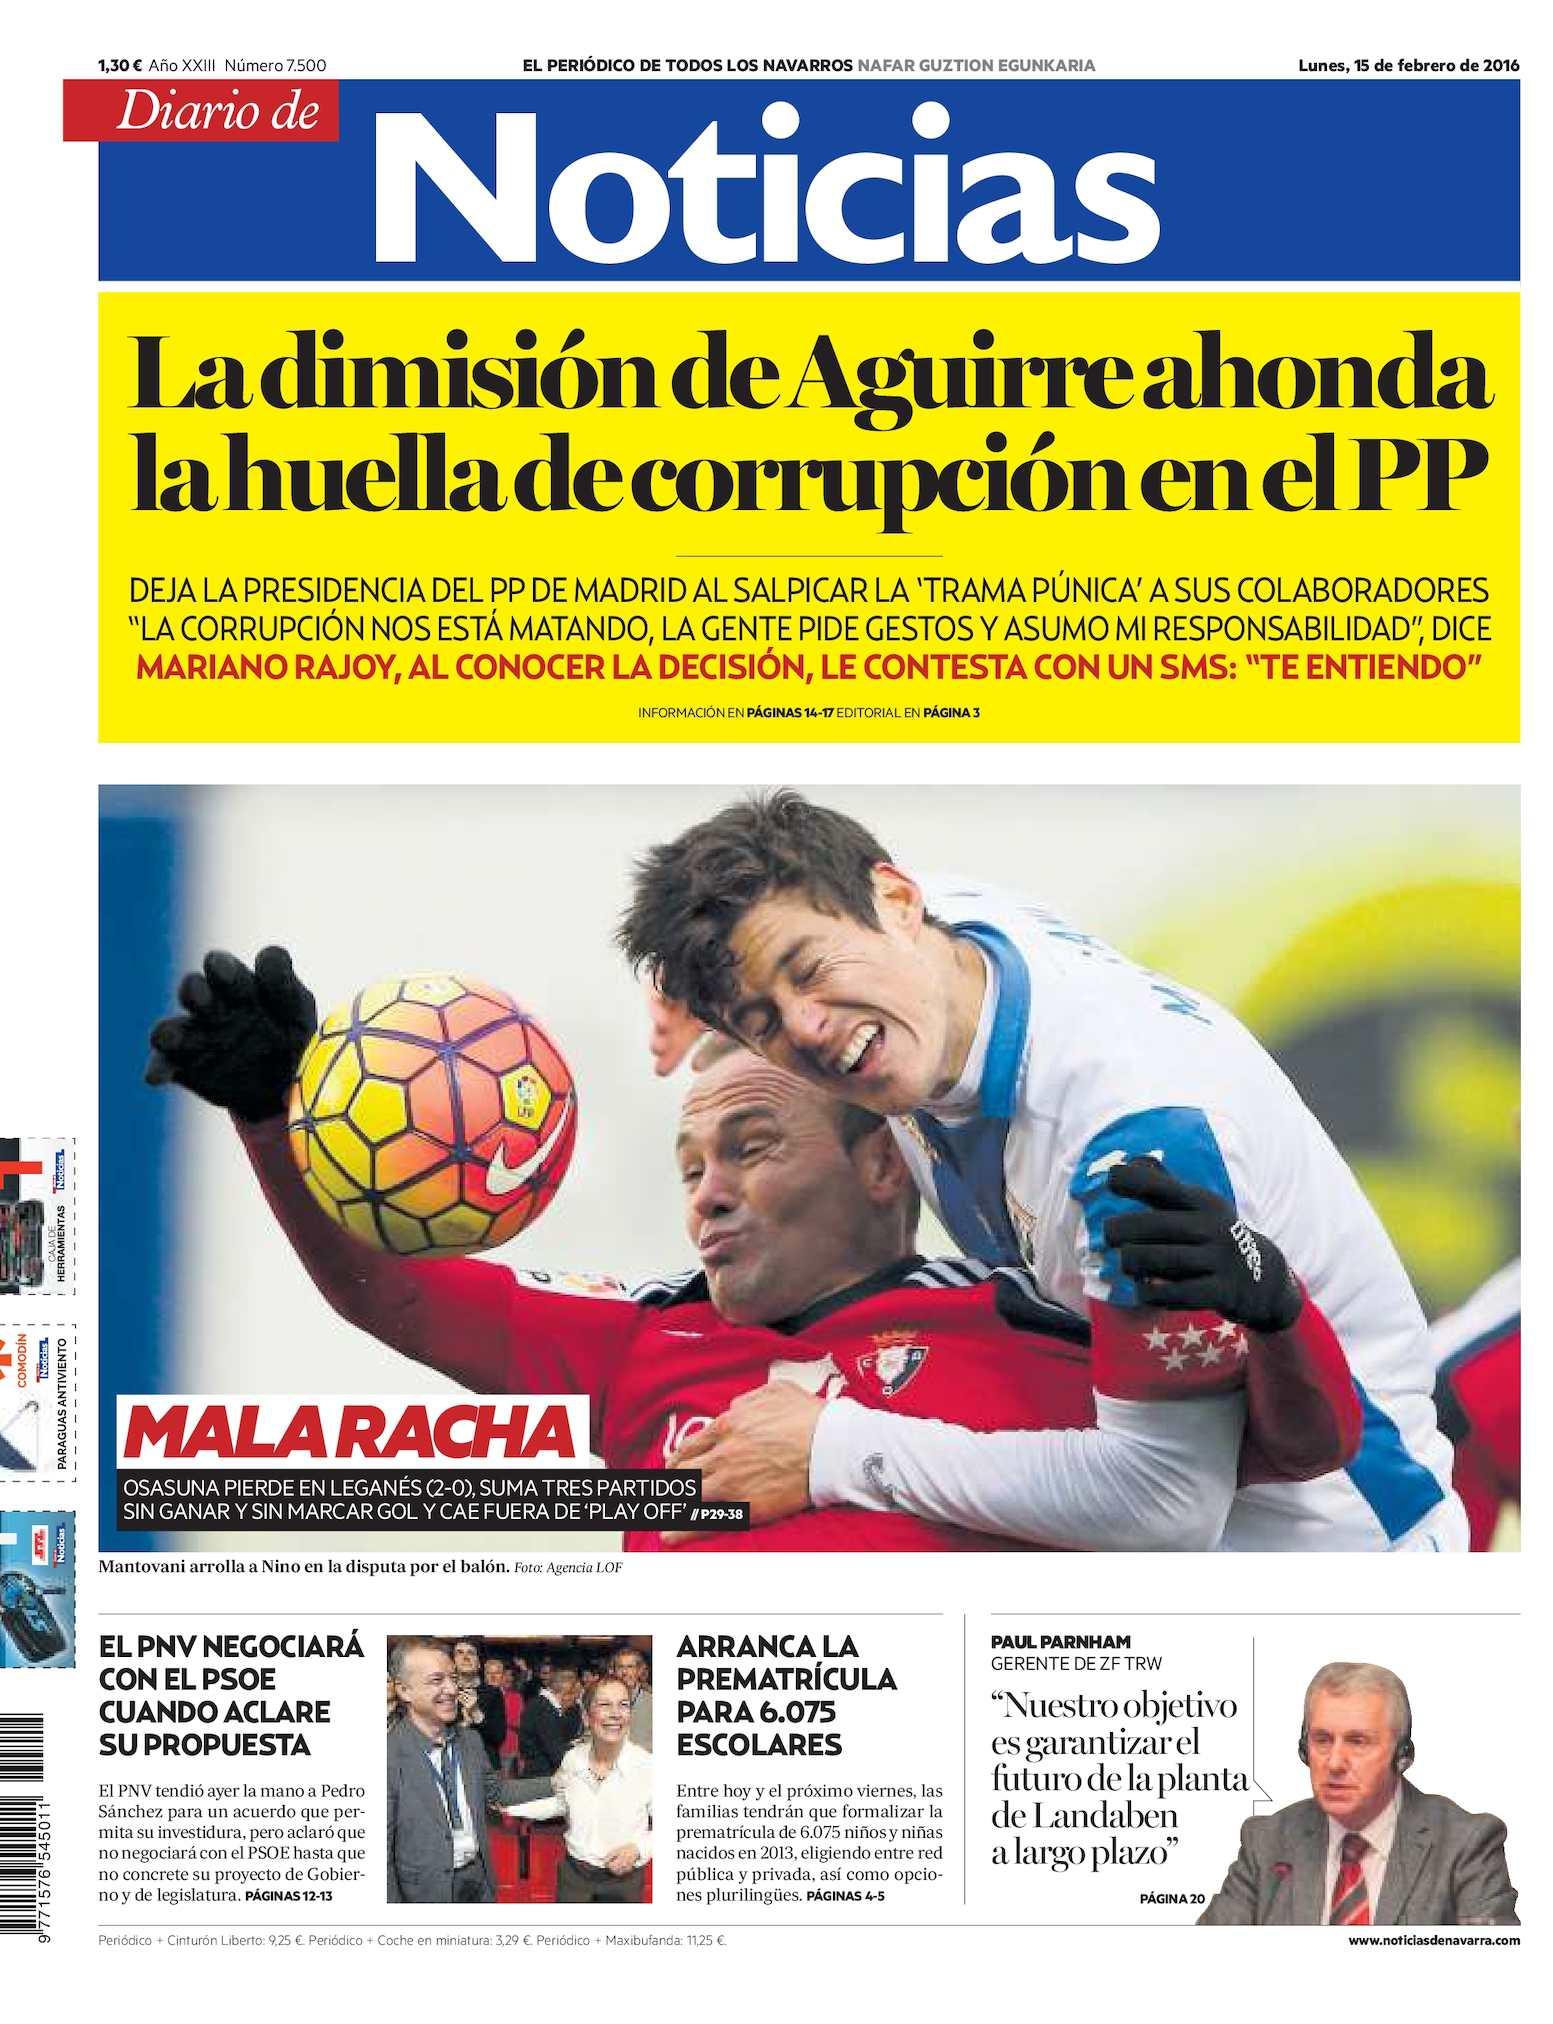 Calaméo - Diario de Noticias 20160215